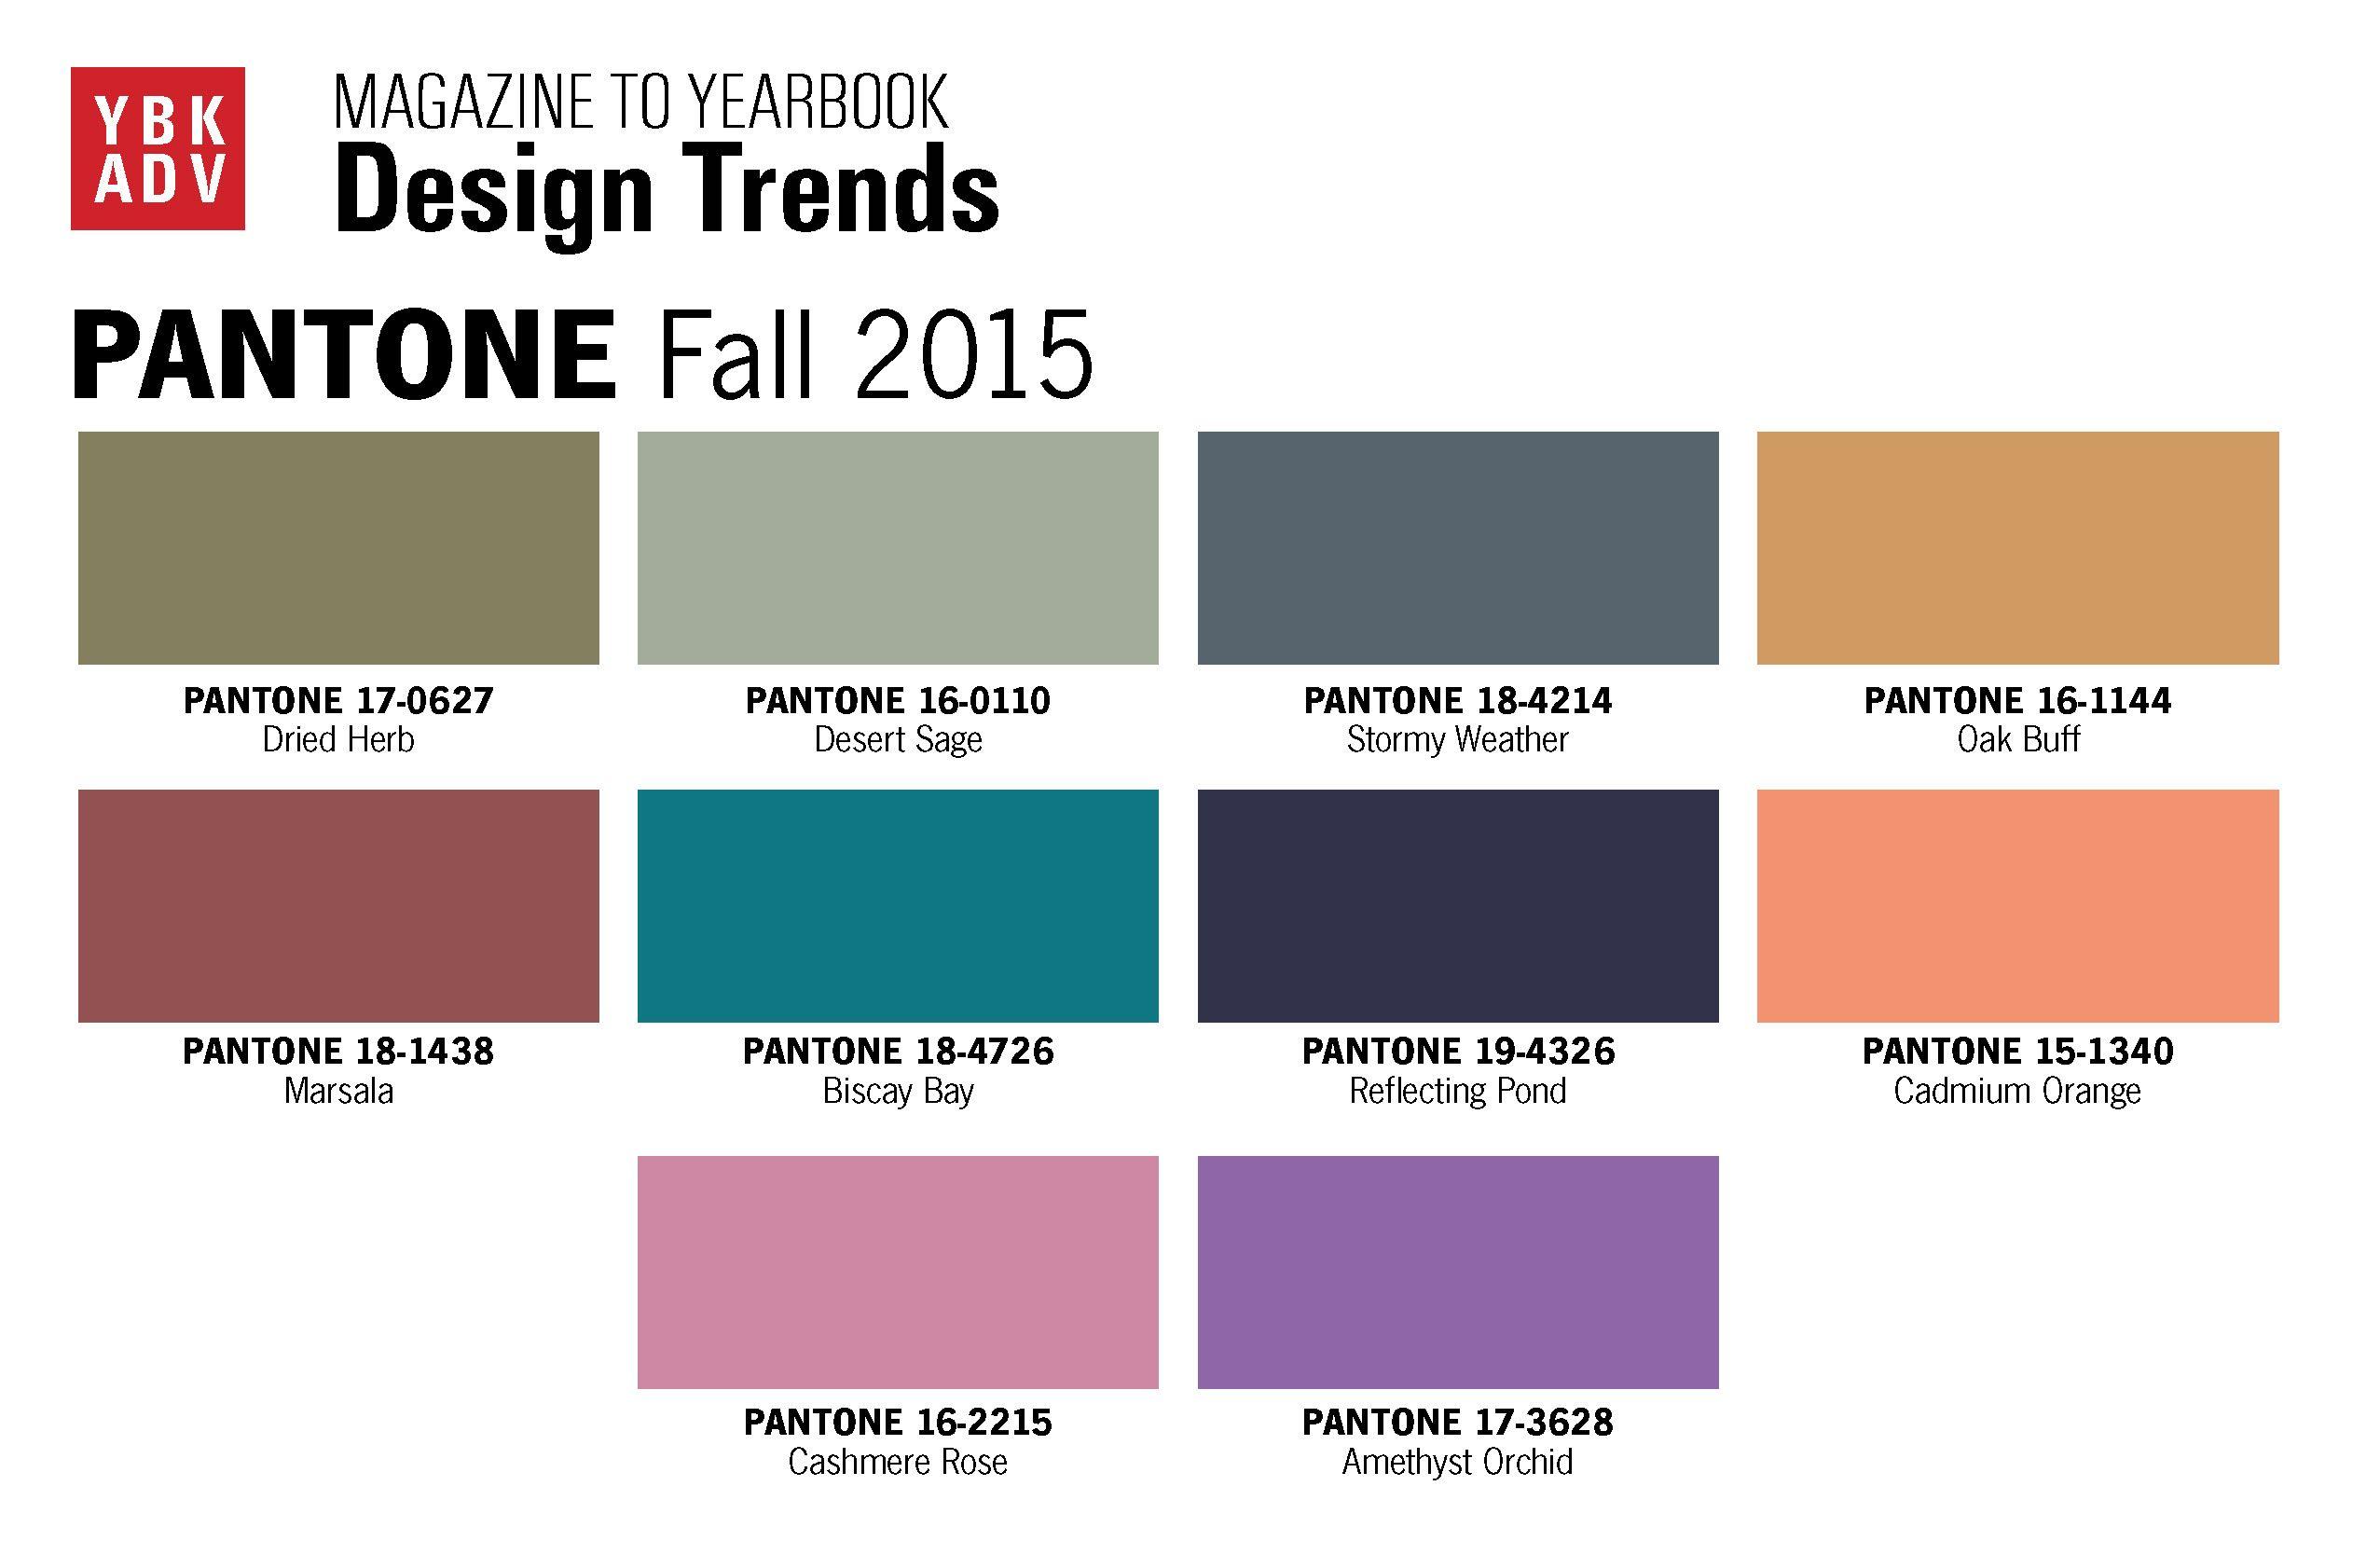 Color trends in 2015 - Fall Pantone 2015 Pantone 2015 Fall Cmyk Colors Trends